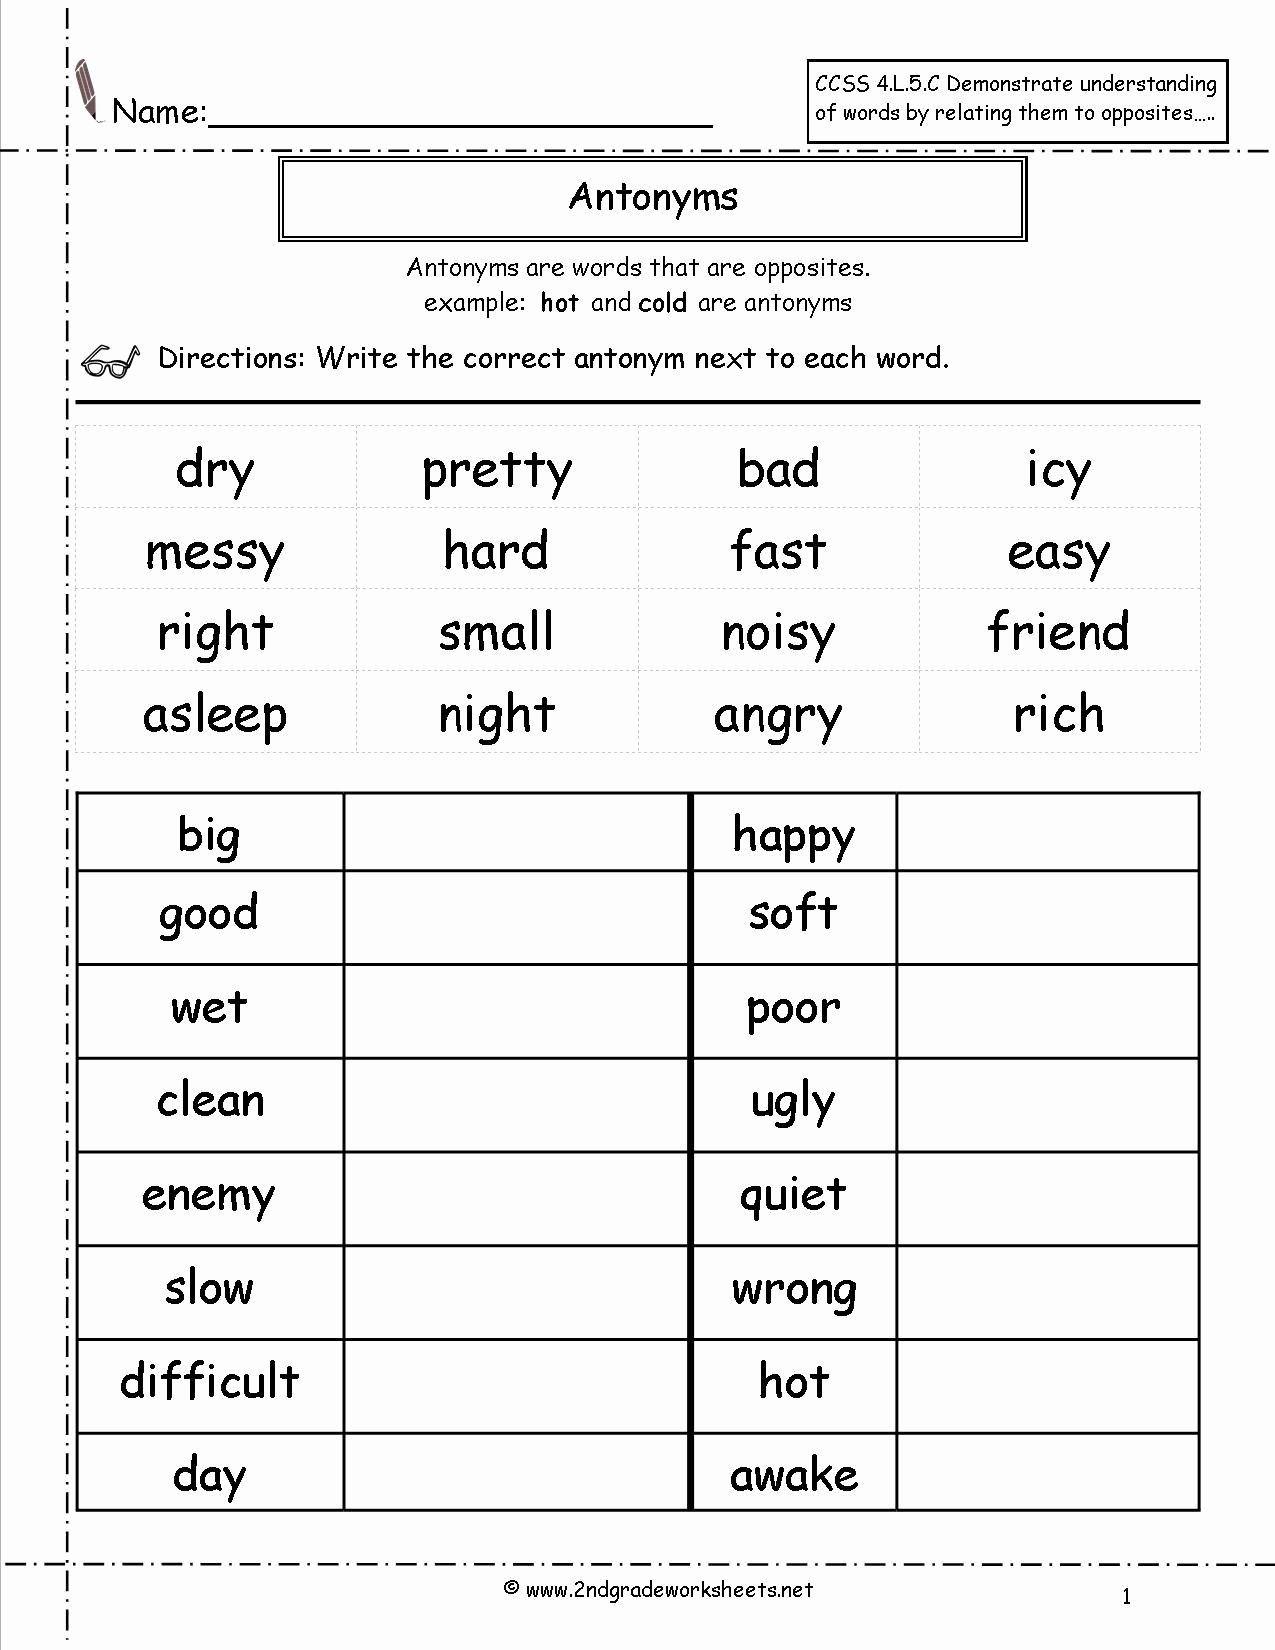 Second Grade Grammar Worksheets 2nd Grade Grammar Worksheets Pdf New Free Language In 2020 2nd Grade Math Worksheets 2nd Grade Reading Worksheets 2nd Grade Worksheets